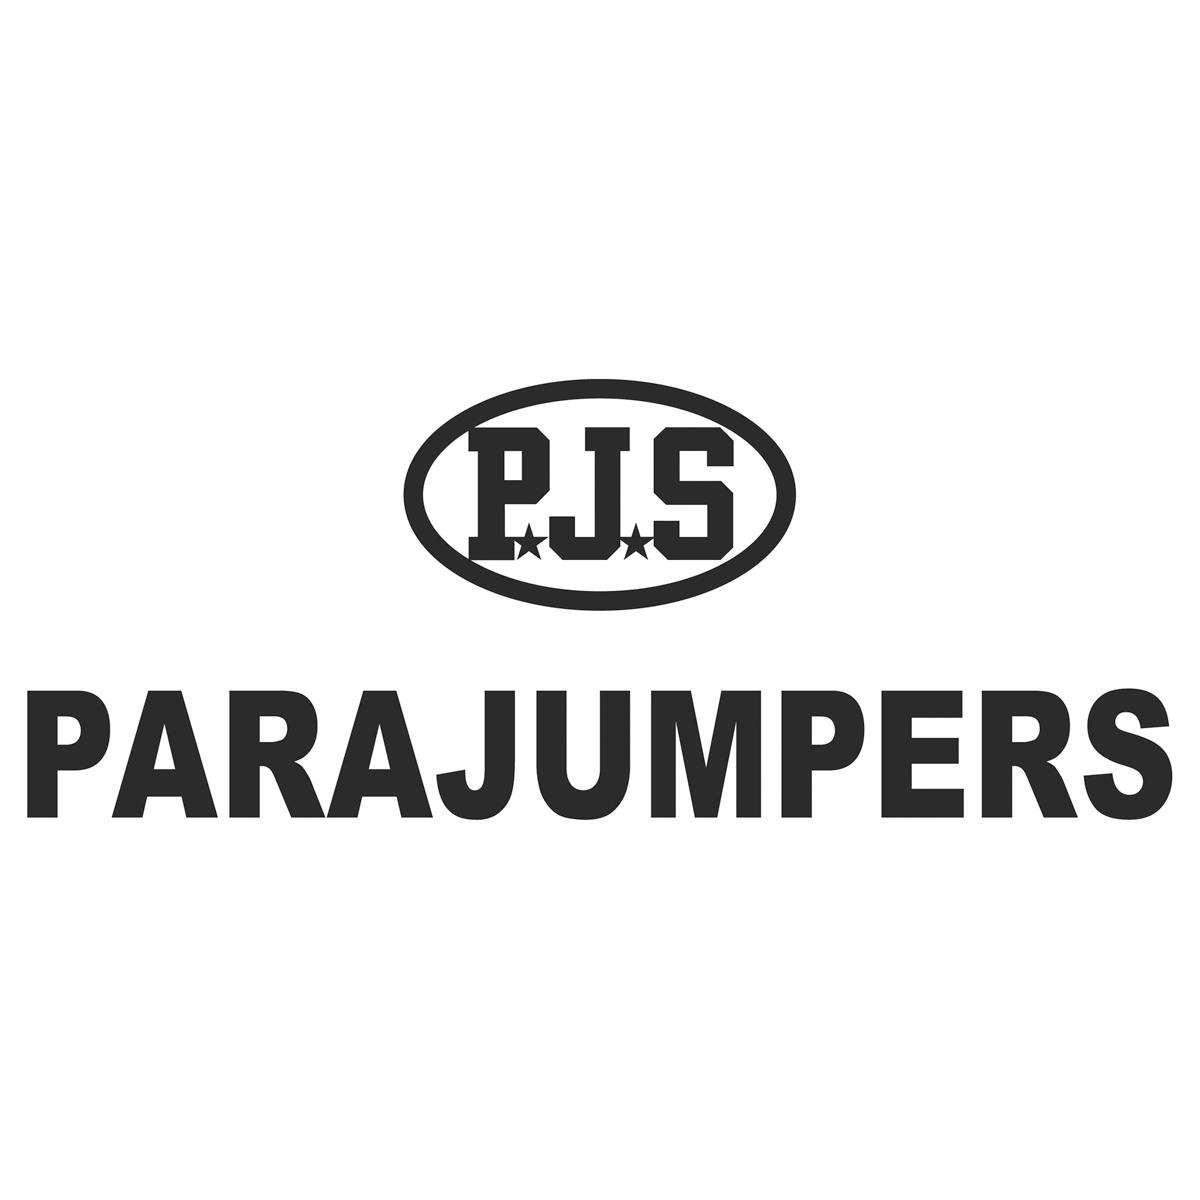 История и особенности Parajumpers